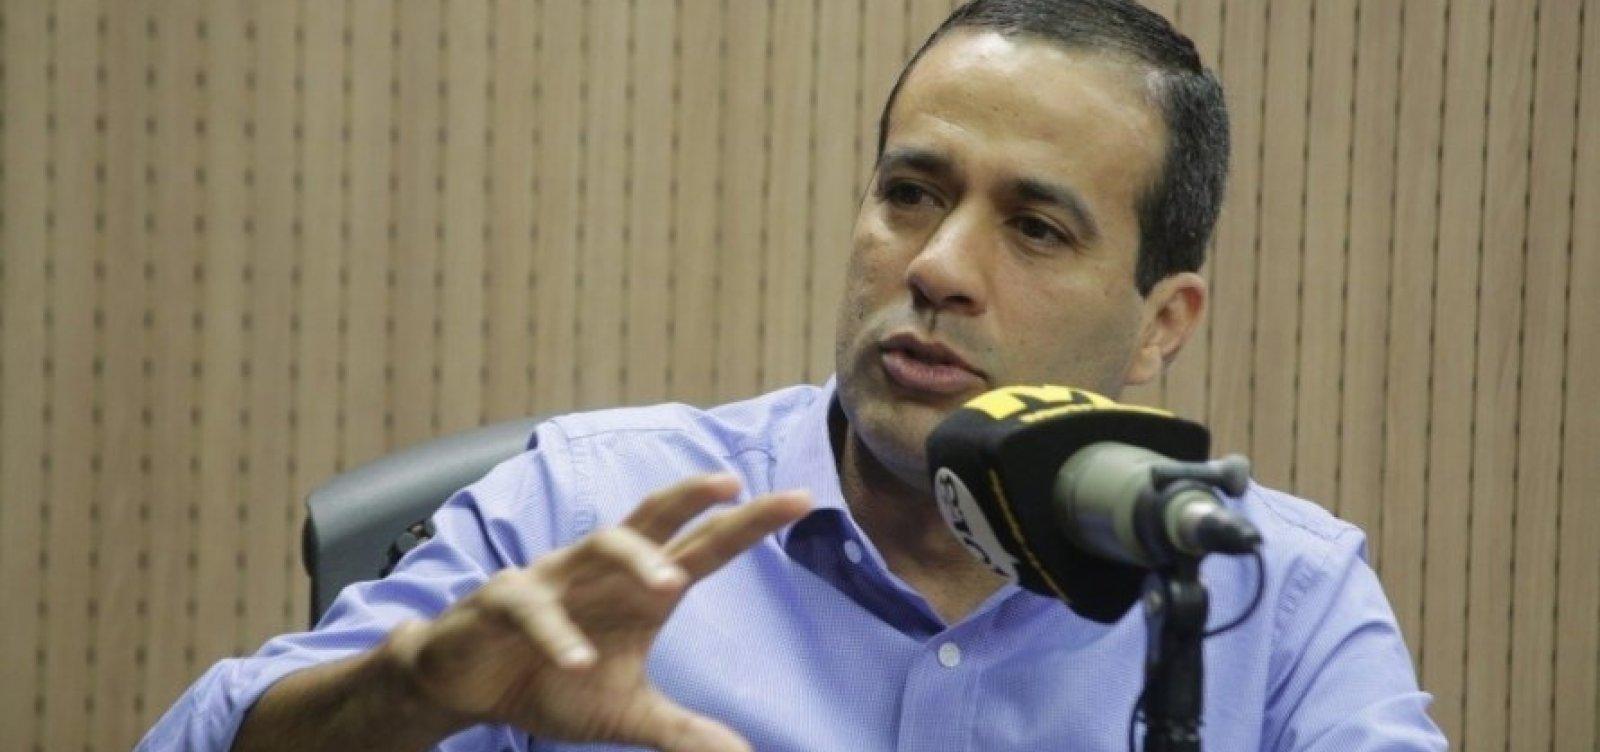 Bruno Reis lidera pesquisa para prefeito de Salvador